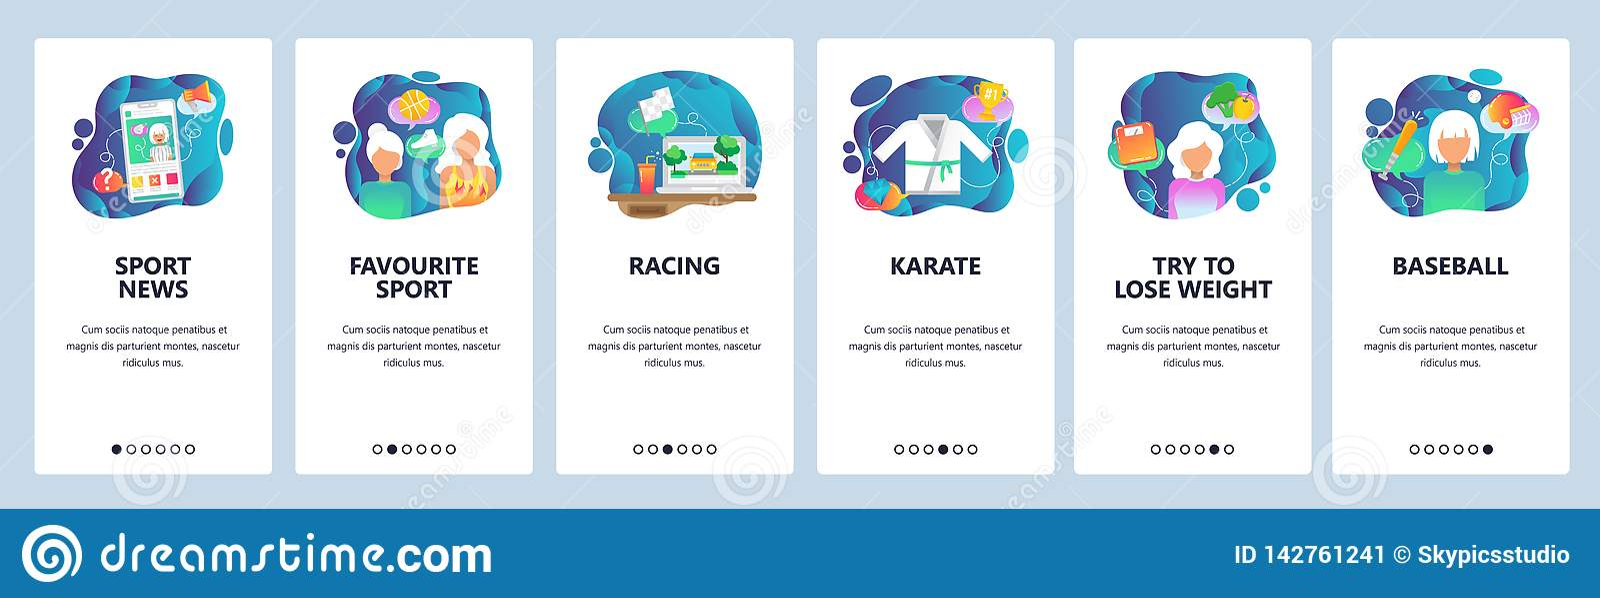 De mobiele toepassing onboarding schermen De online uitzending van het sportspel op mobiele telefoon Karate, honkbal, het rennen